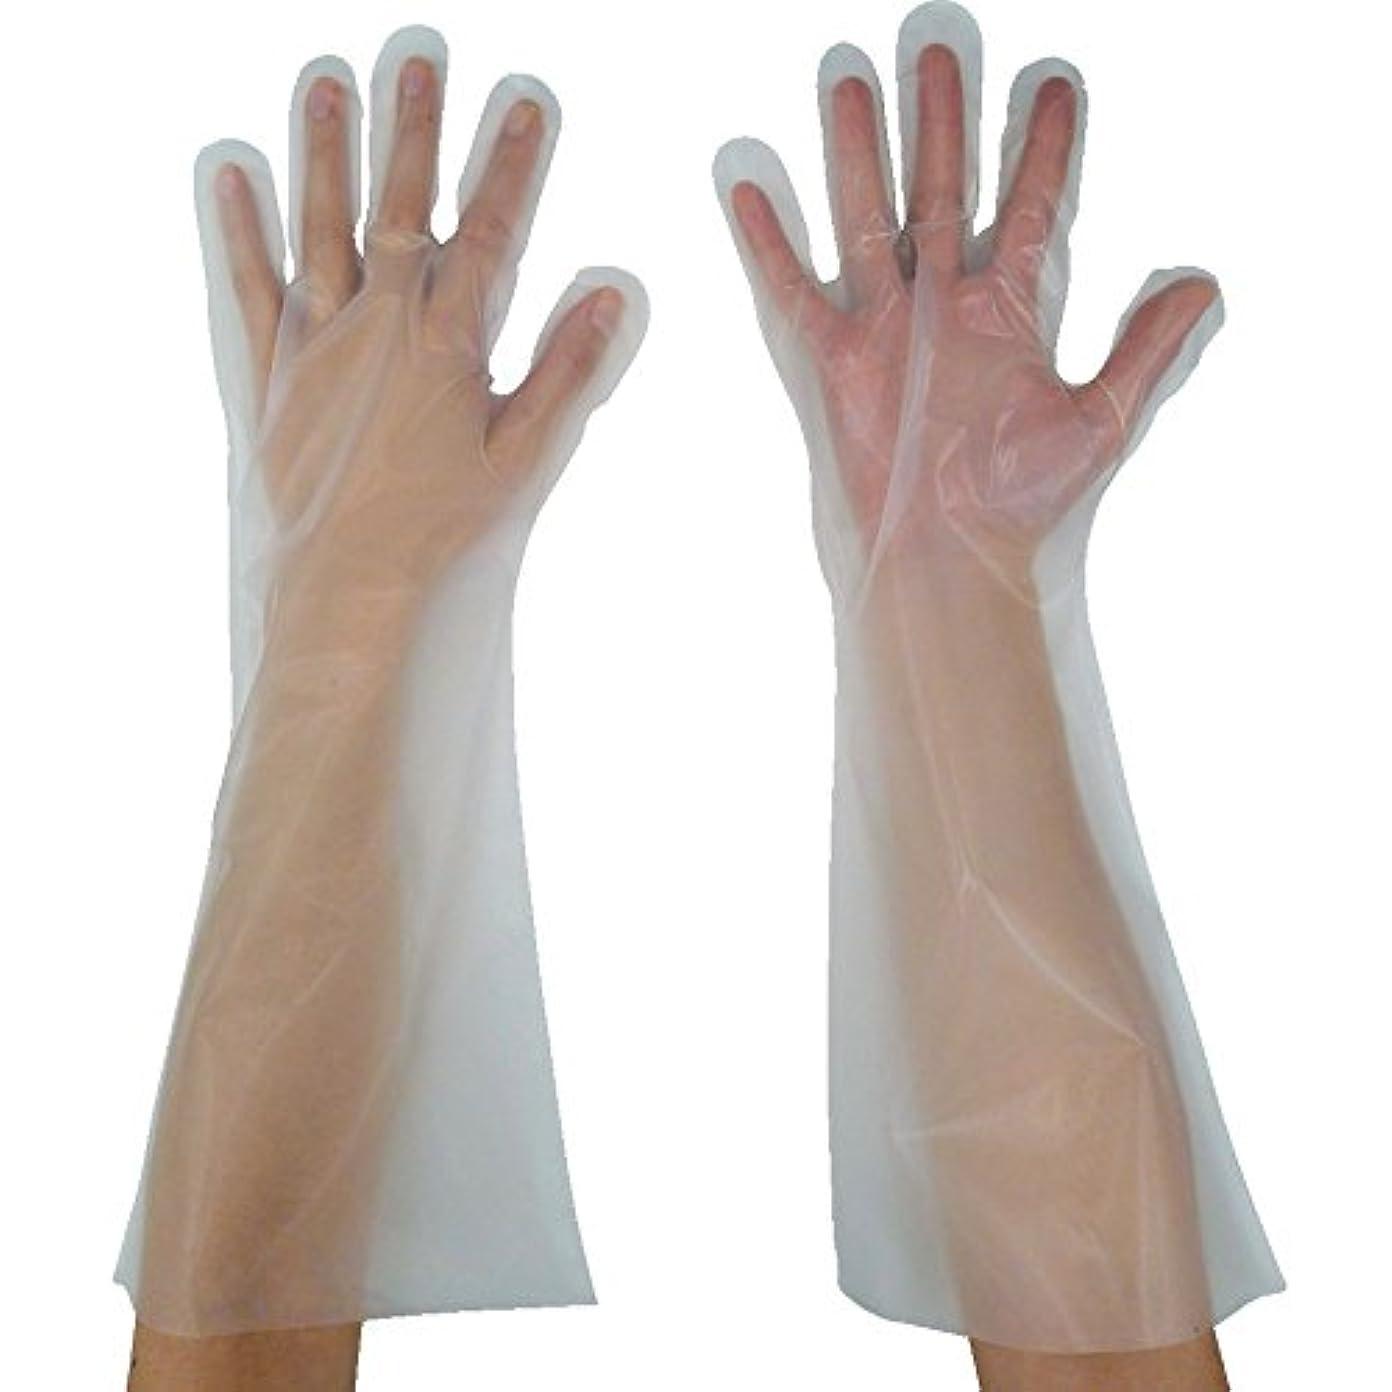 復活甲虫南東京パック 緊急災害対策用手袋ロング五本絞りS 半透明 KL-S ポリエチレン使い捨て手袋